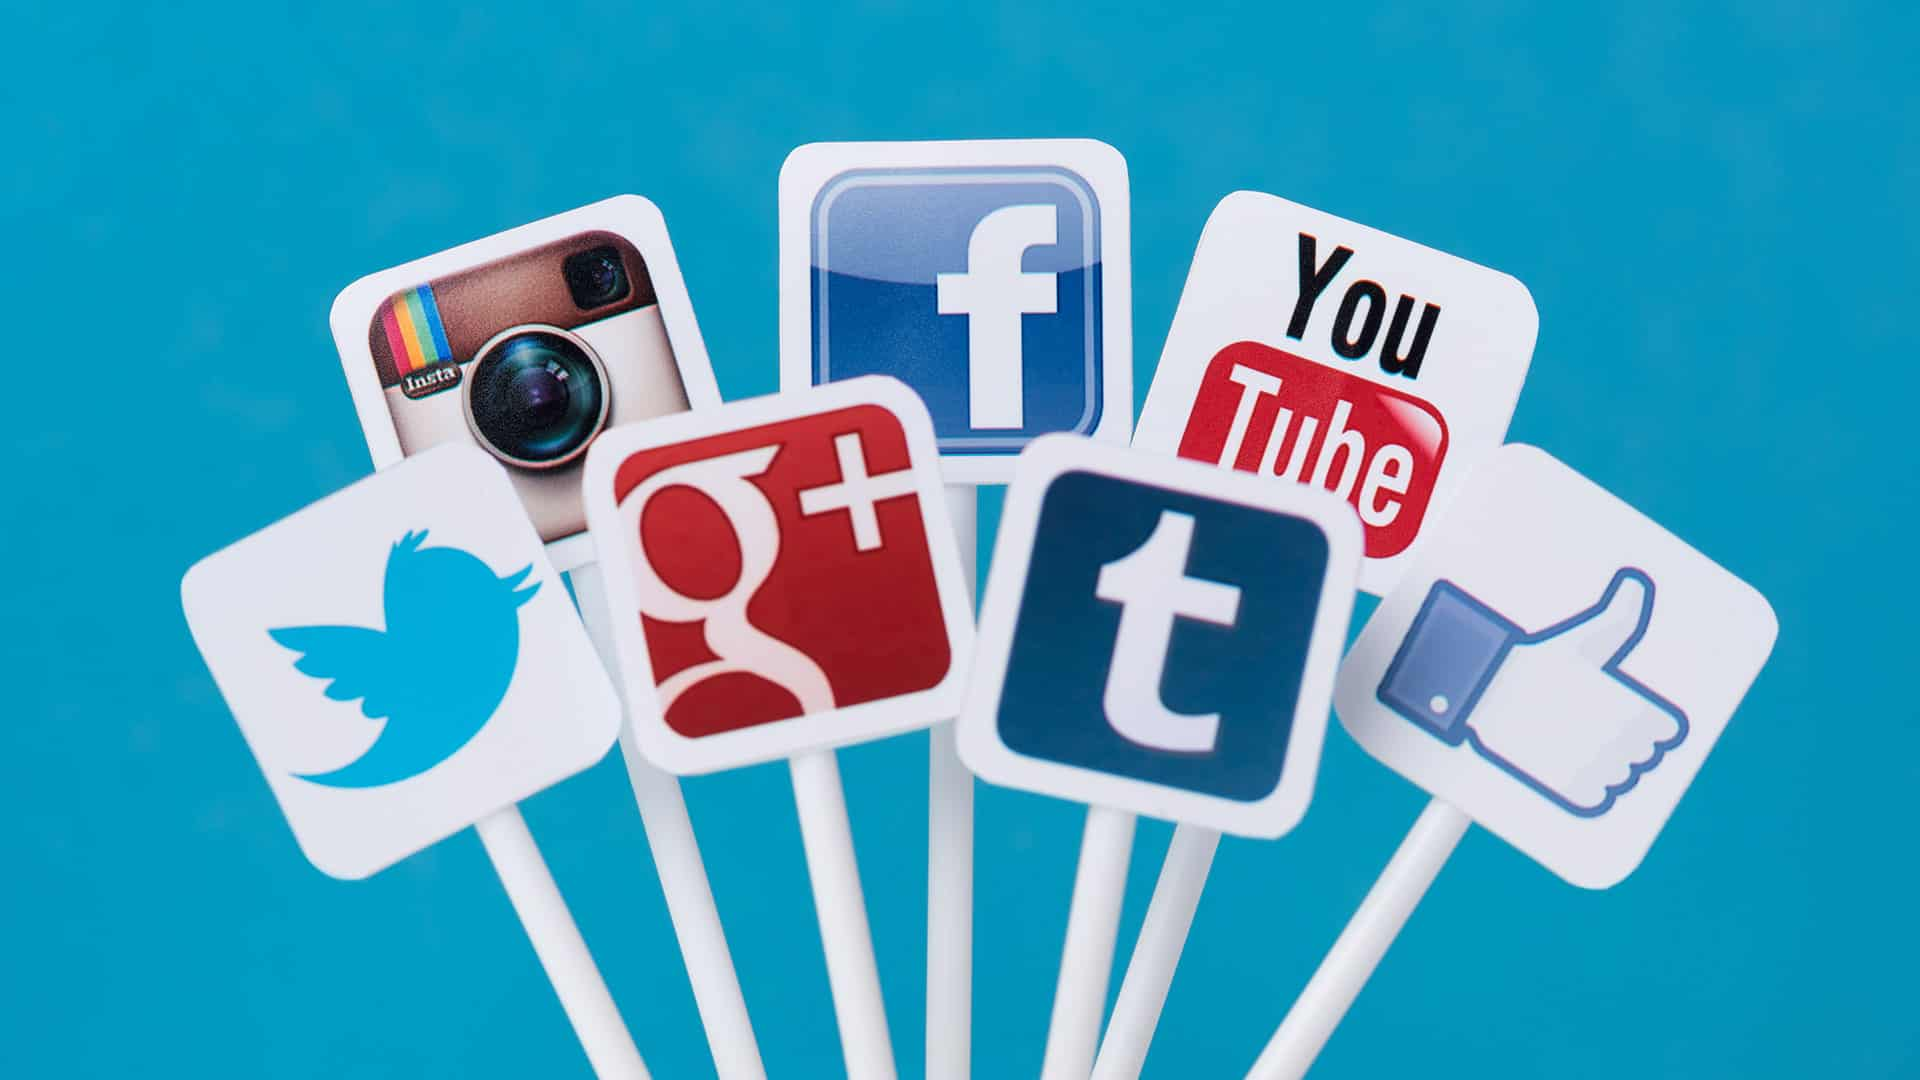 Tiếp thị khách sạn trên các kênh social